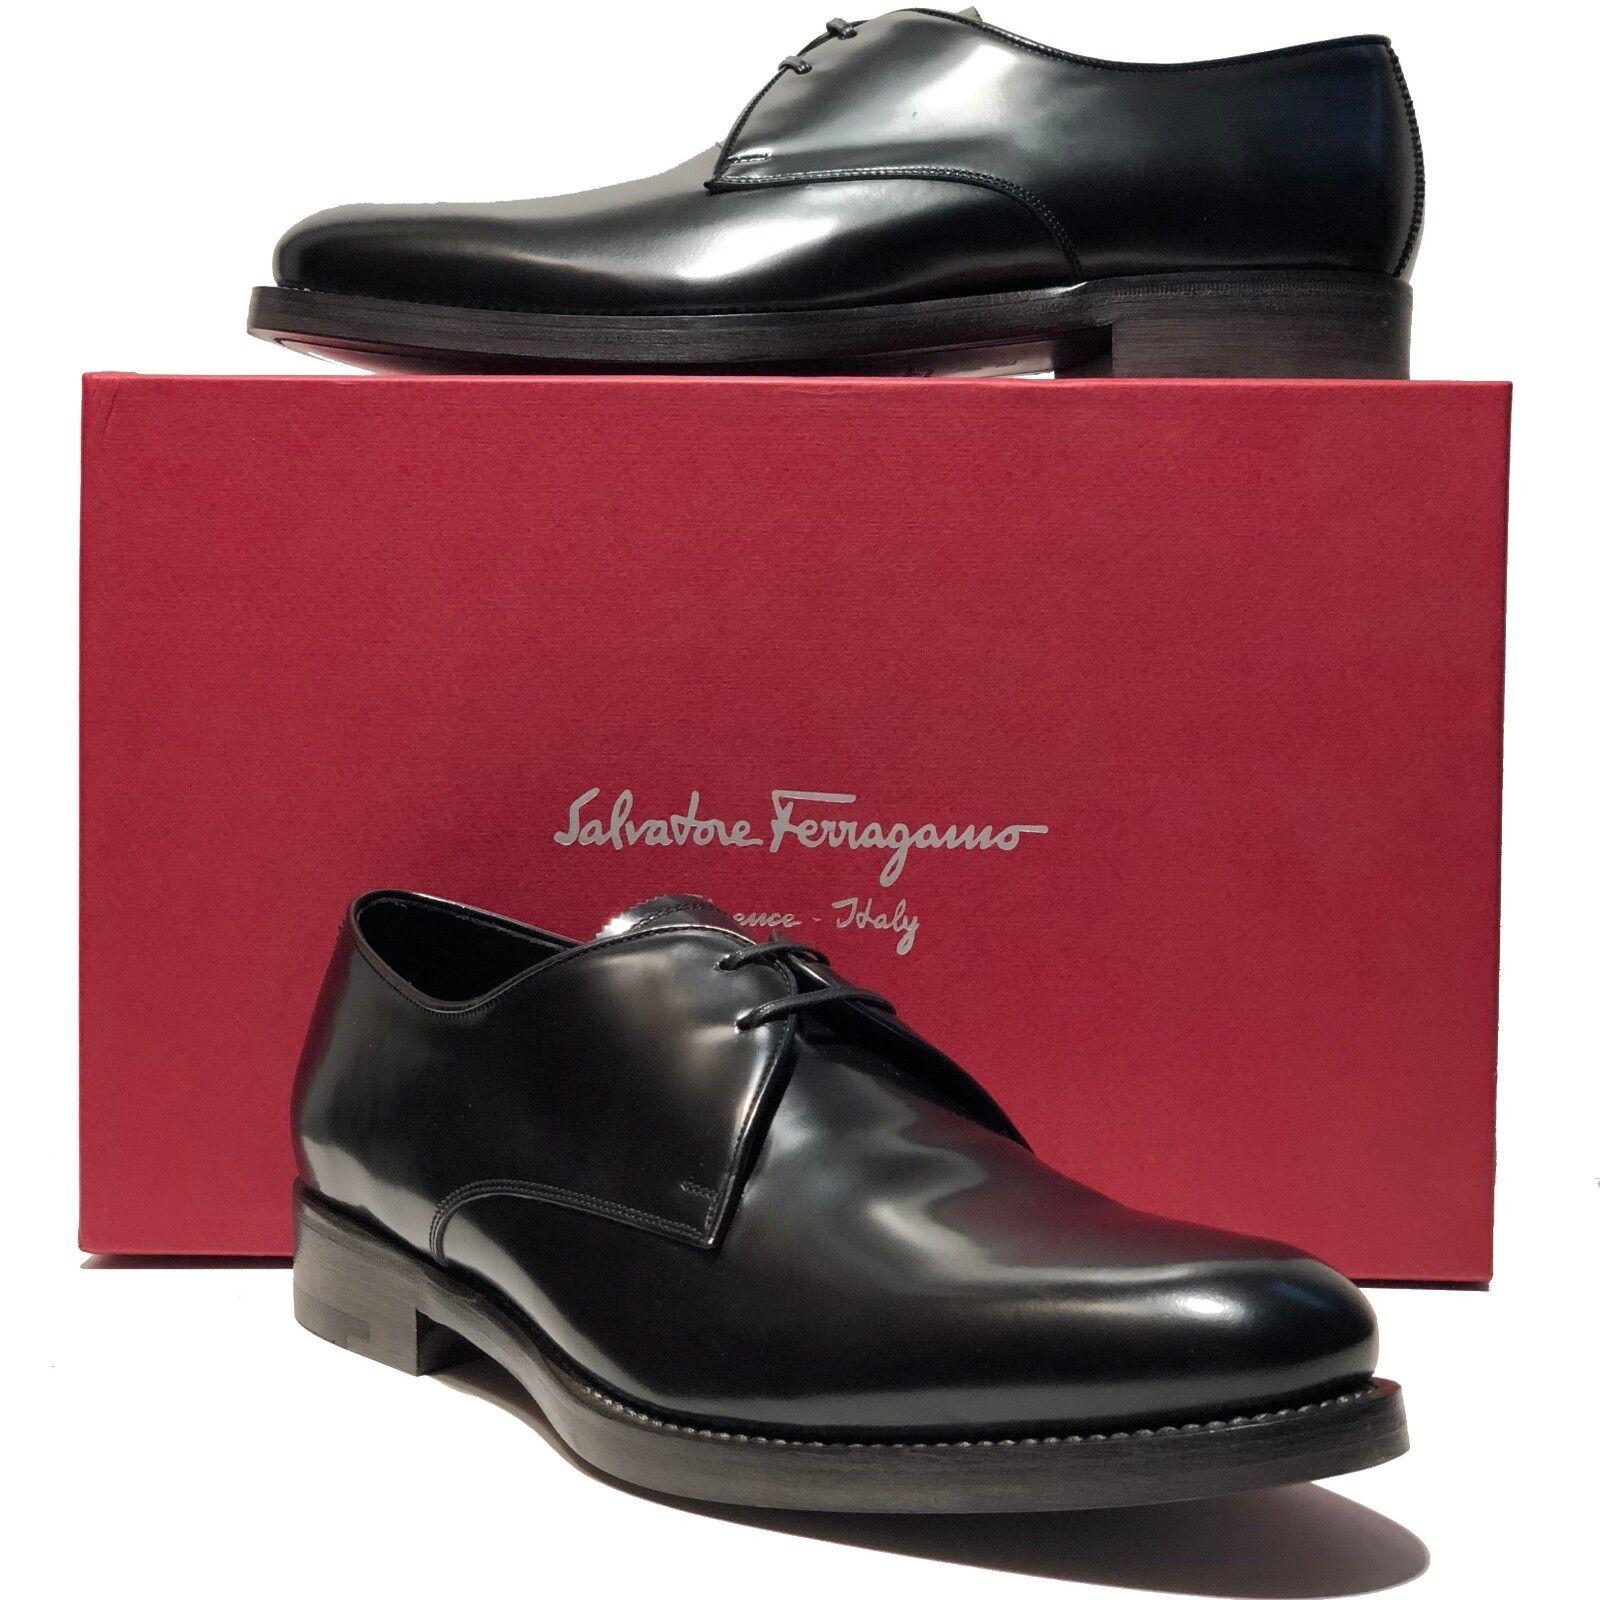 Ferragamo Gideon oficial cuero negro vestido negro Oxford zapato esmoquin boda